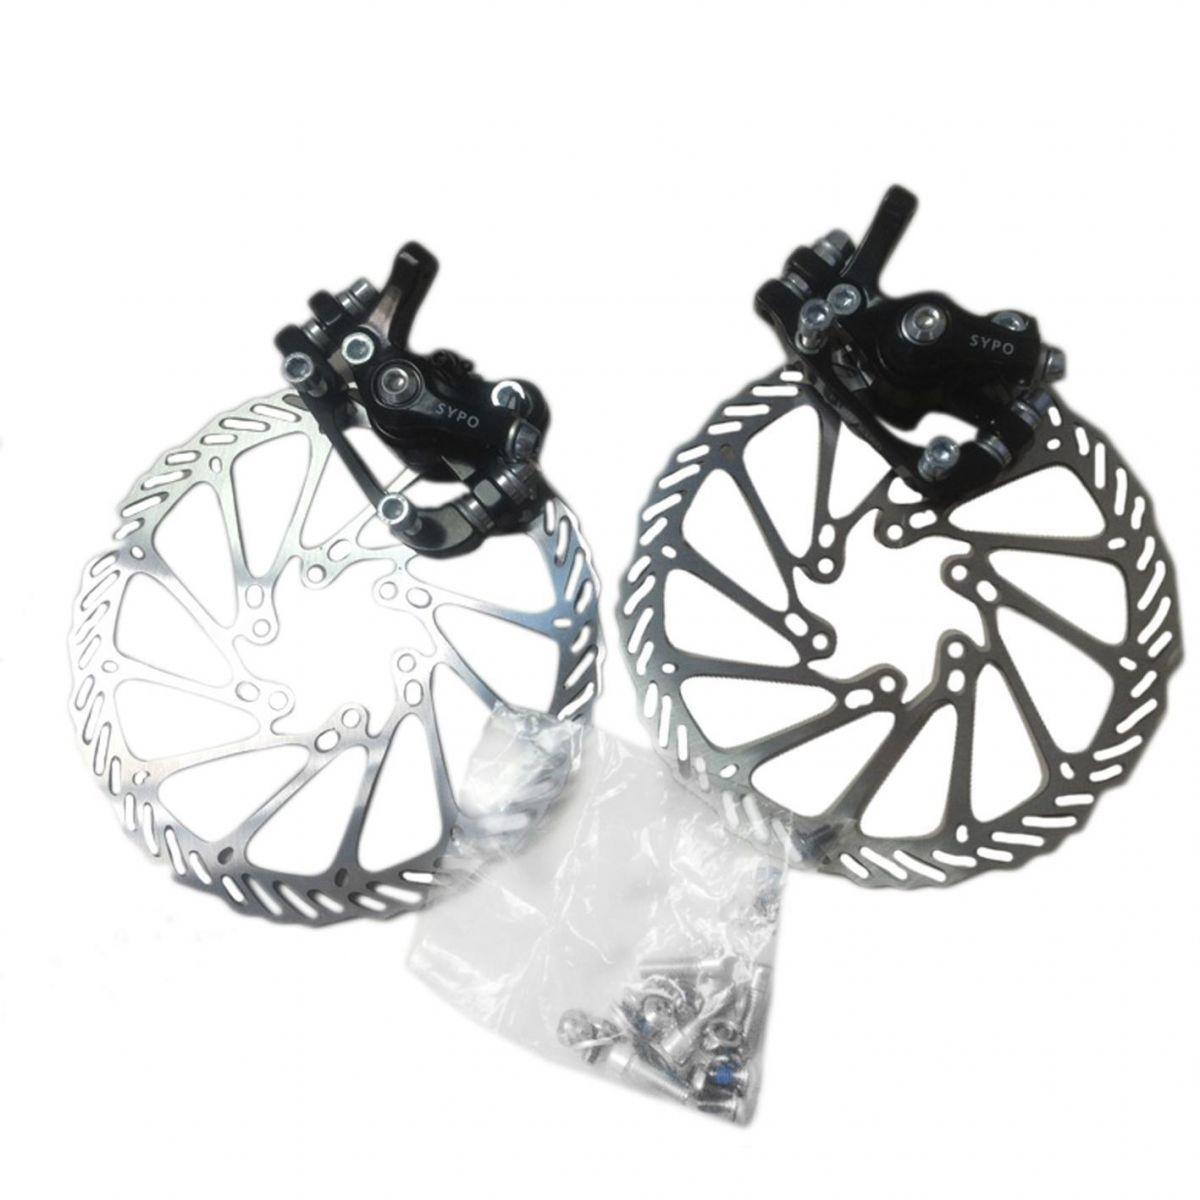 Kit de Freio à Disco Dianteiro/Traseiro com rotor e pinças